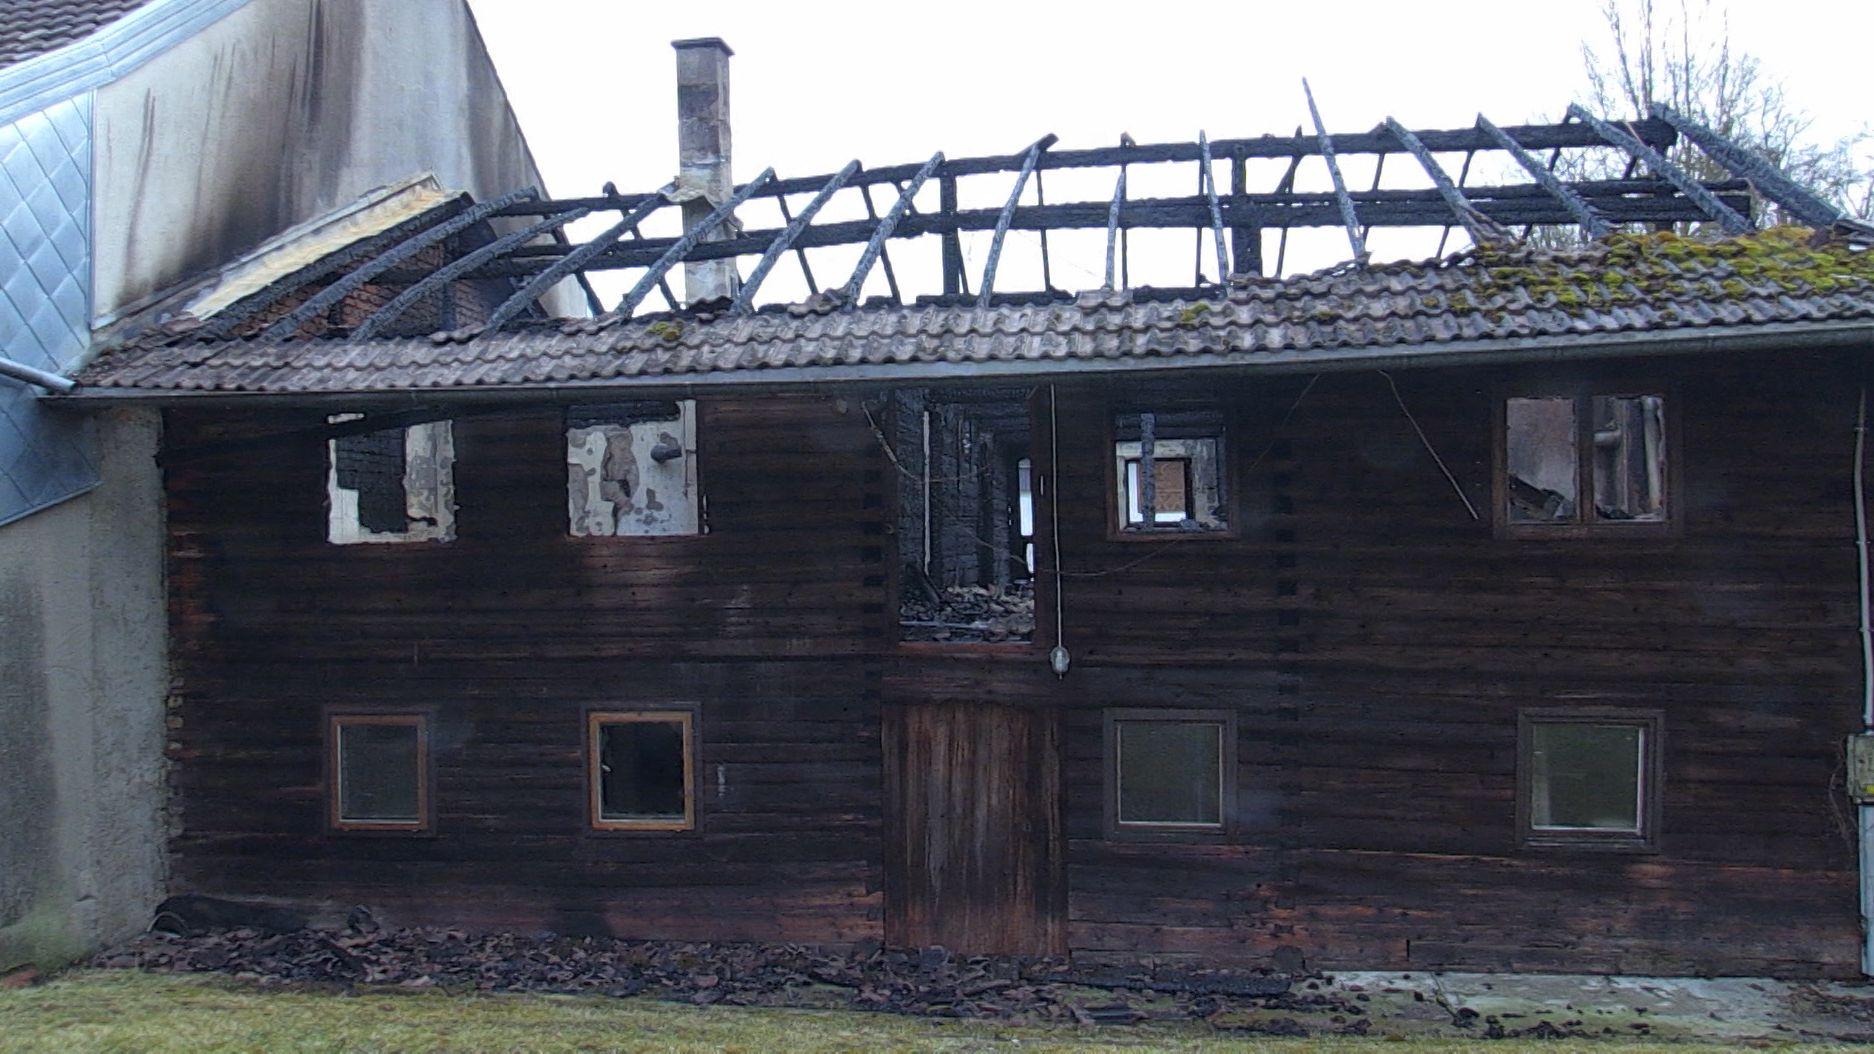 Bilder von der Brandstelle.